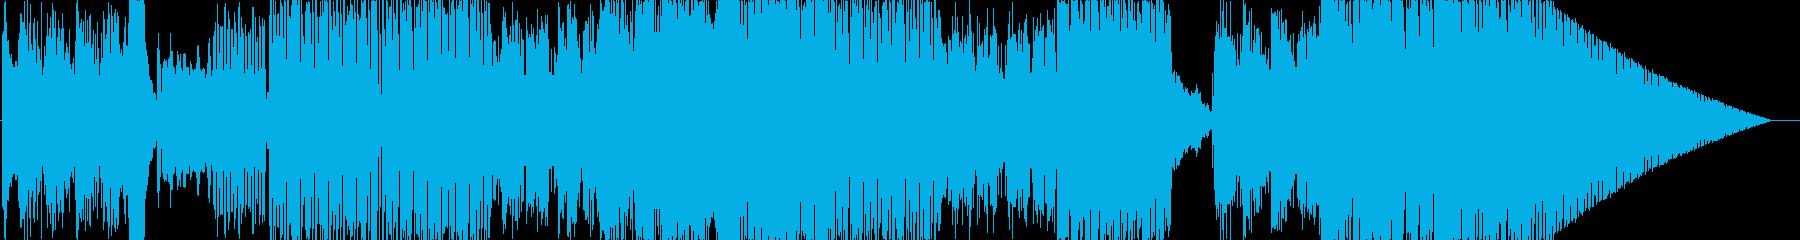 エレクトロニクス、ミニマリスト。電...の再生済みの波形